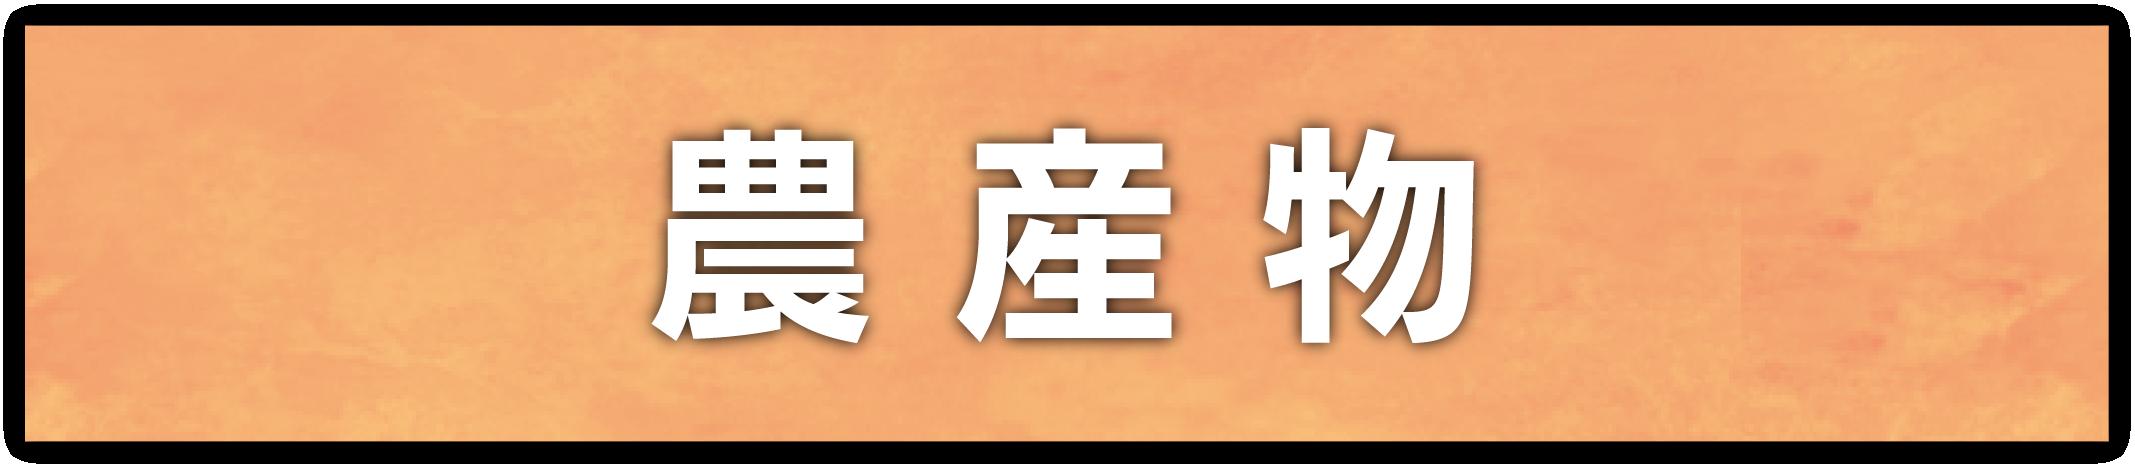 農産物|うるマルシェ通販|ネットスーパー|野菜セット|直売所